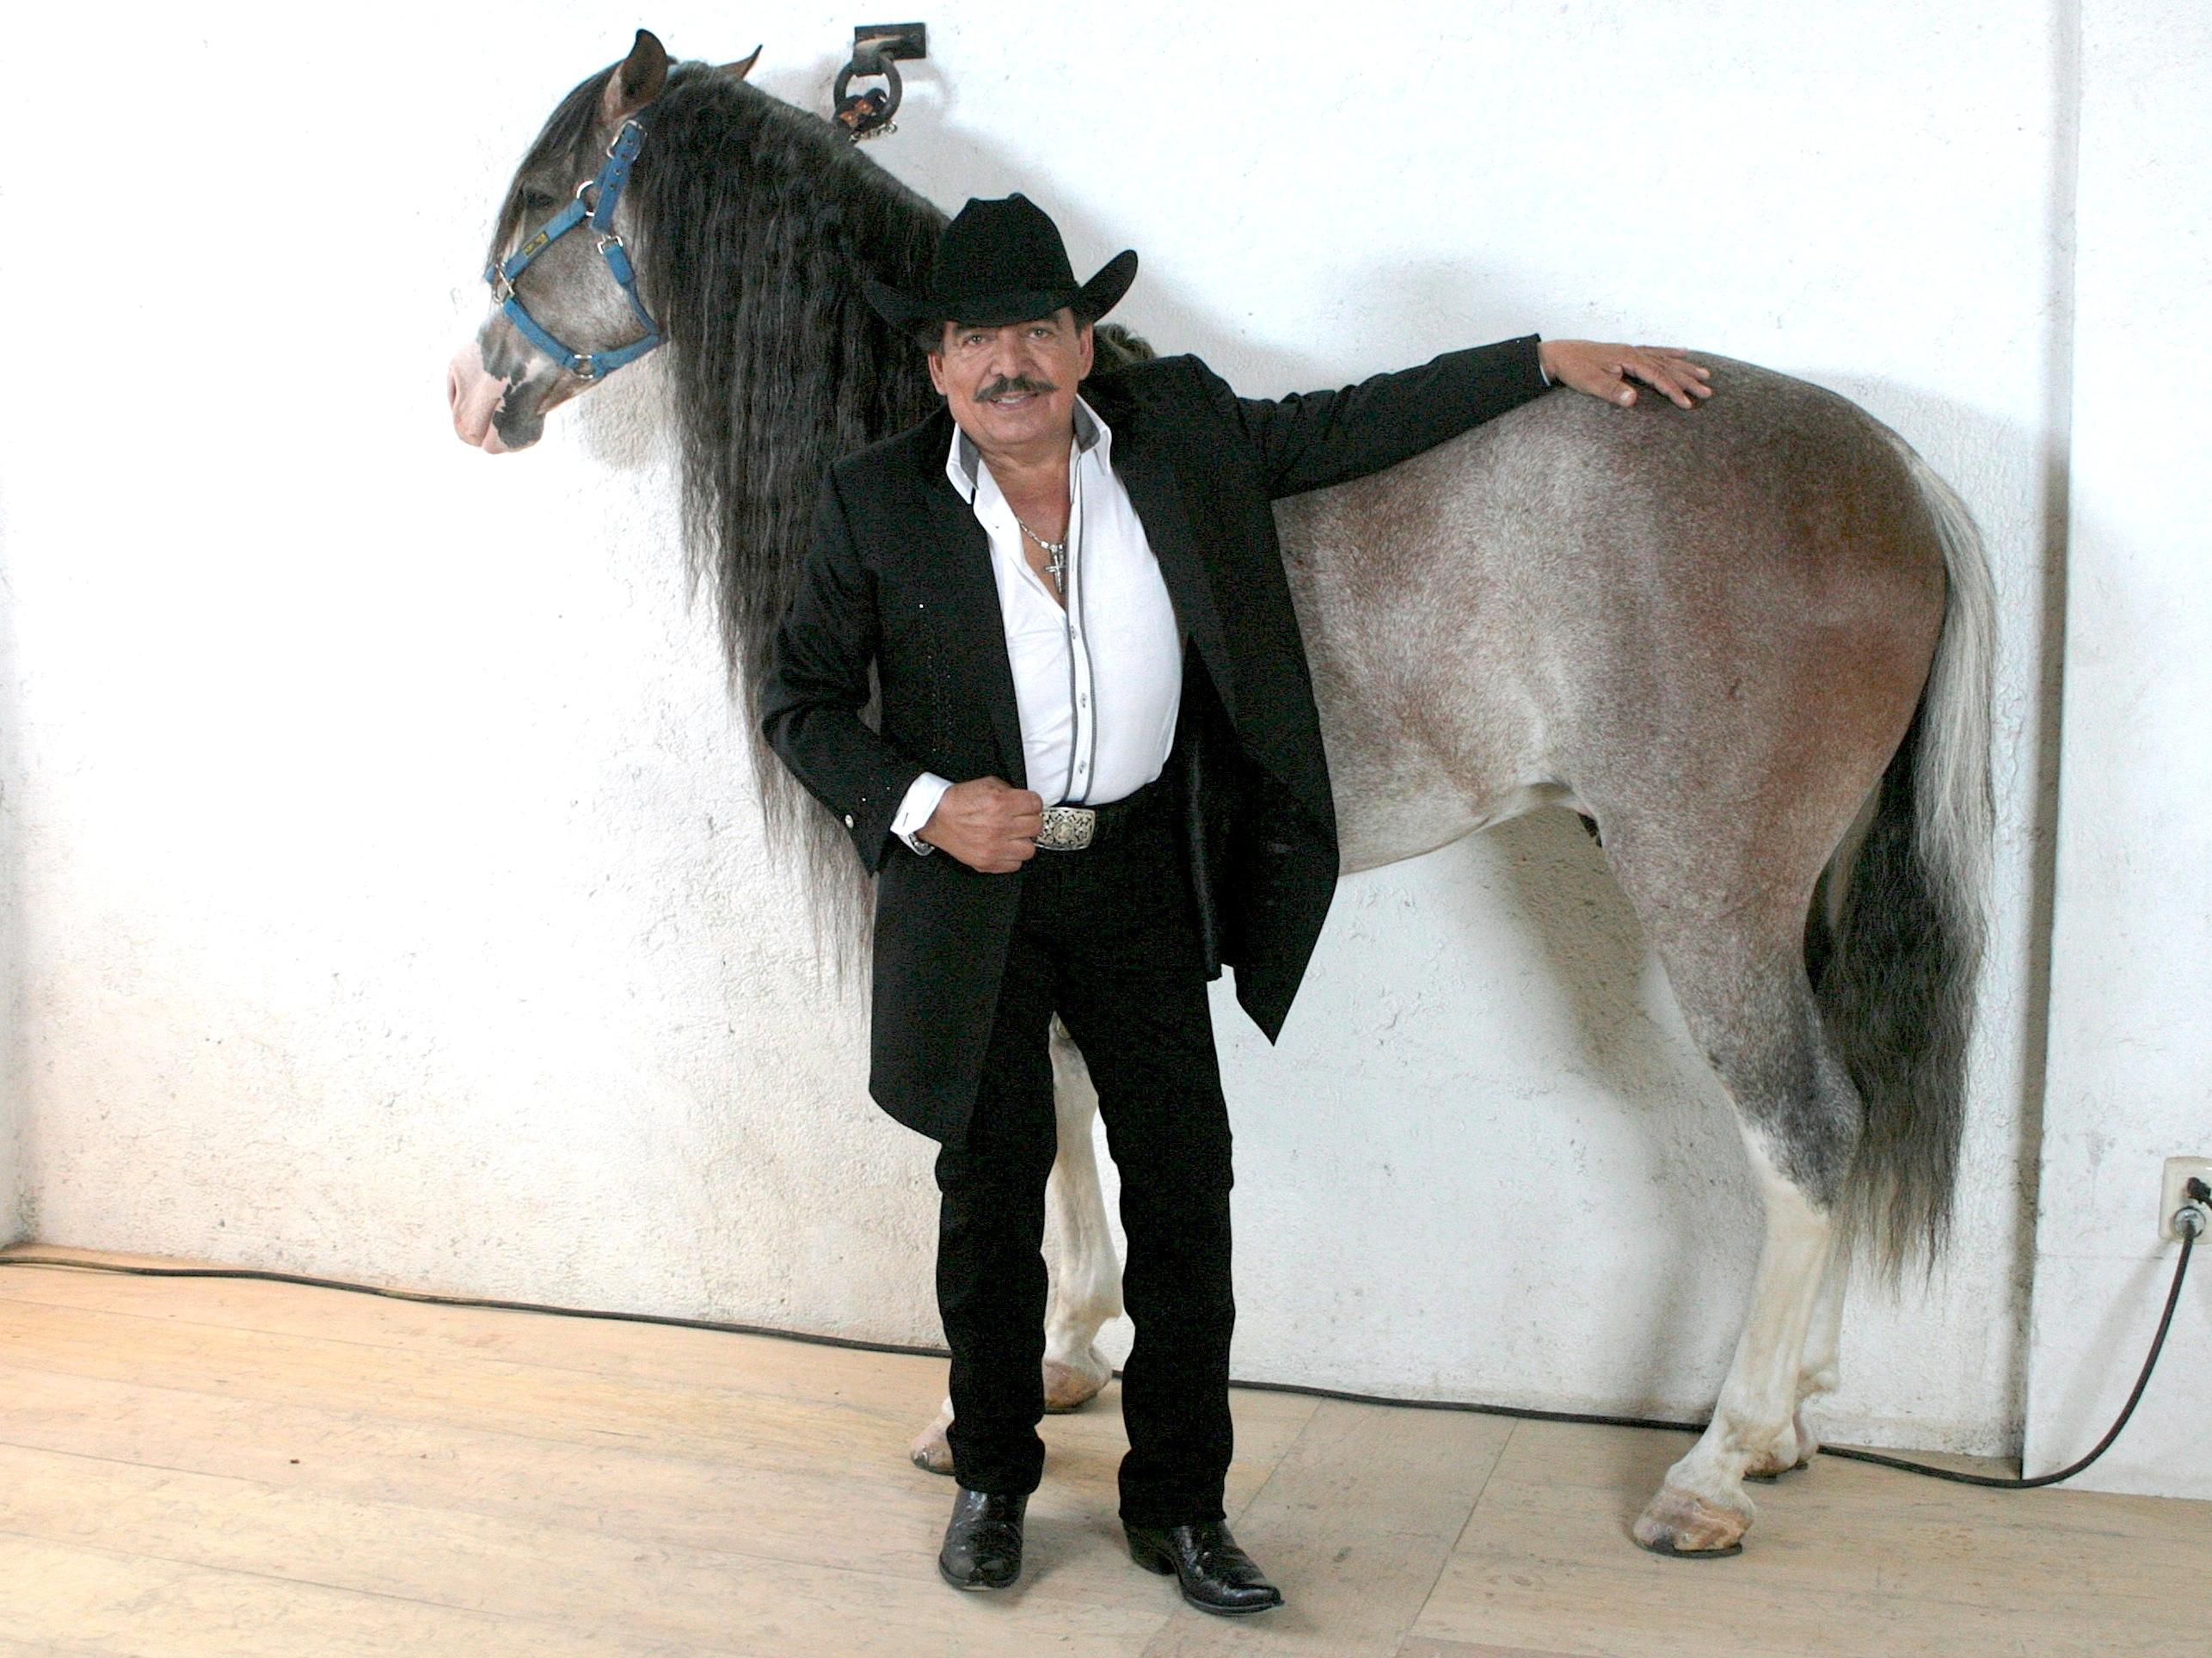 caballos bailadores de joan sebastian wwwimgkidcom